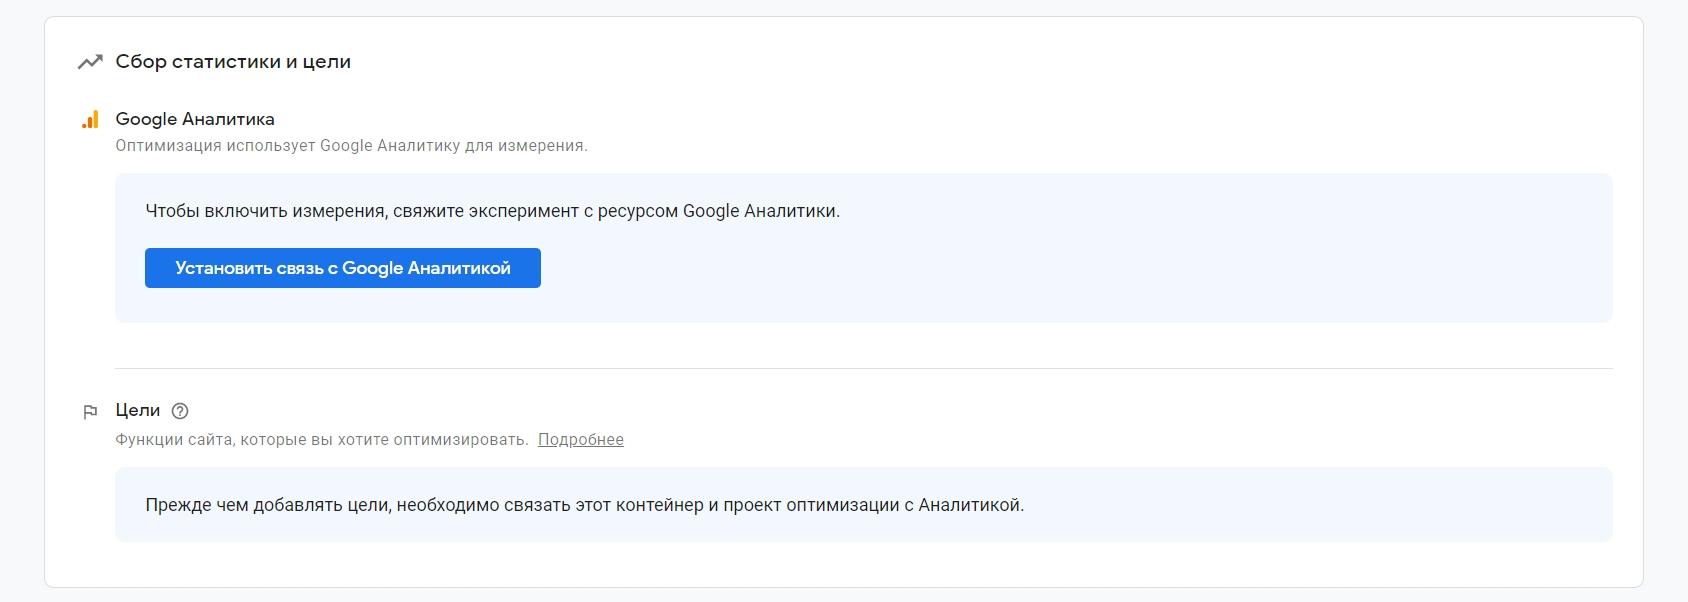 Настраиваем связь Google Оптимизации с Google Аналитикой